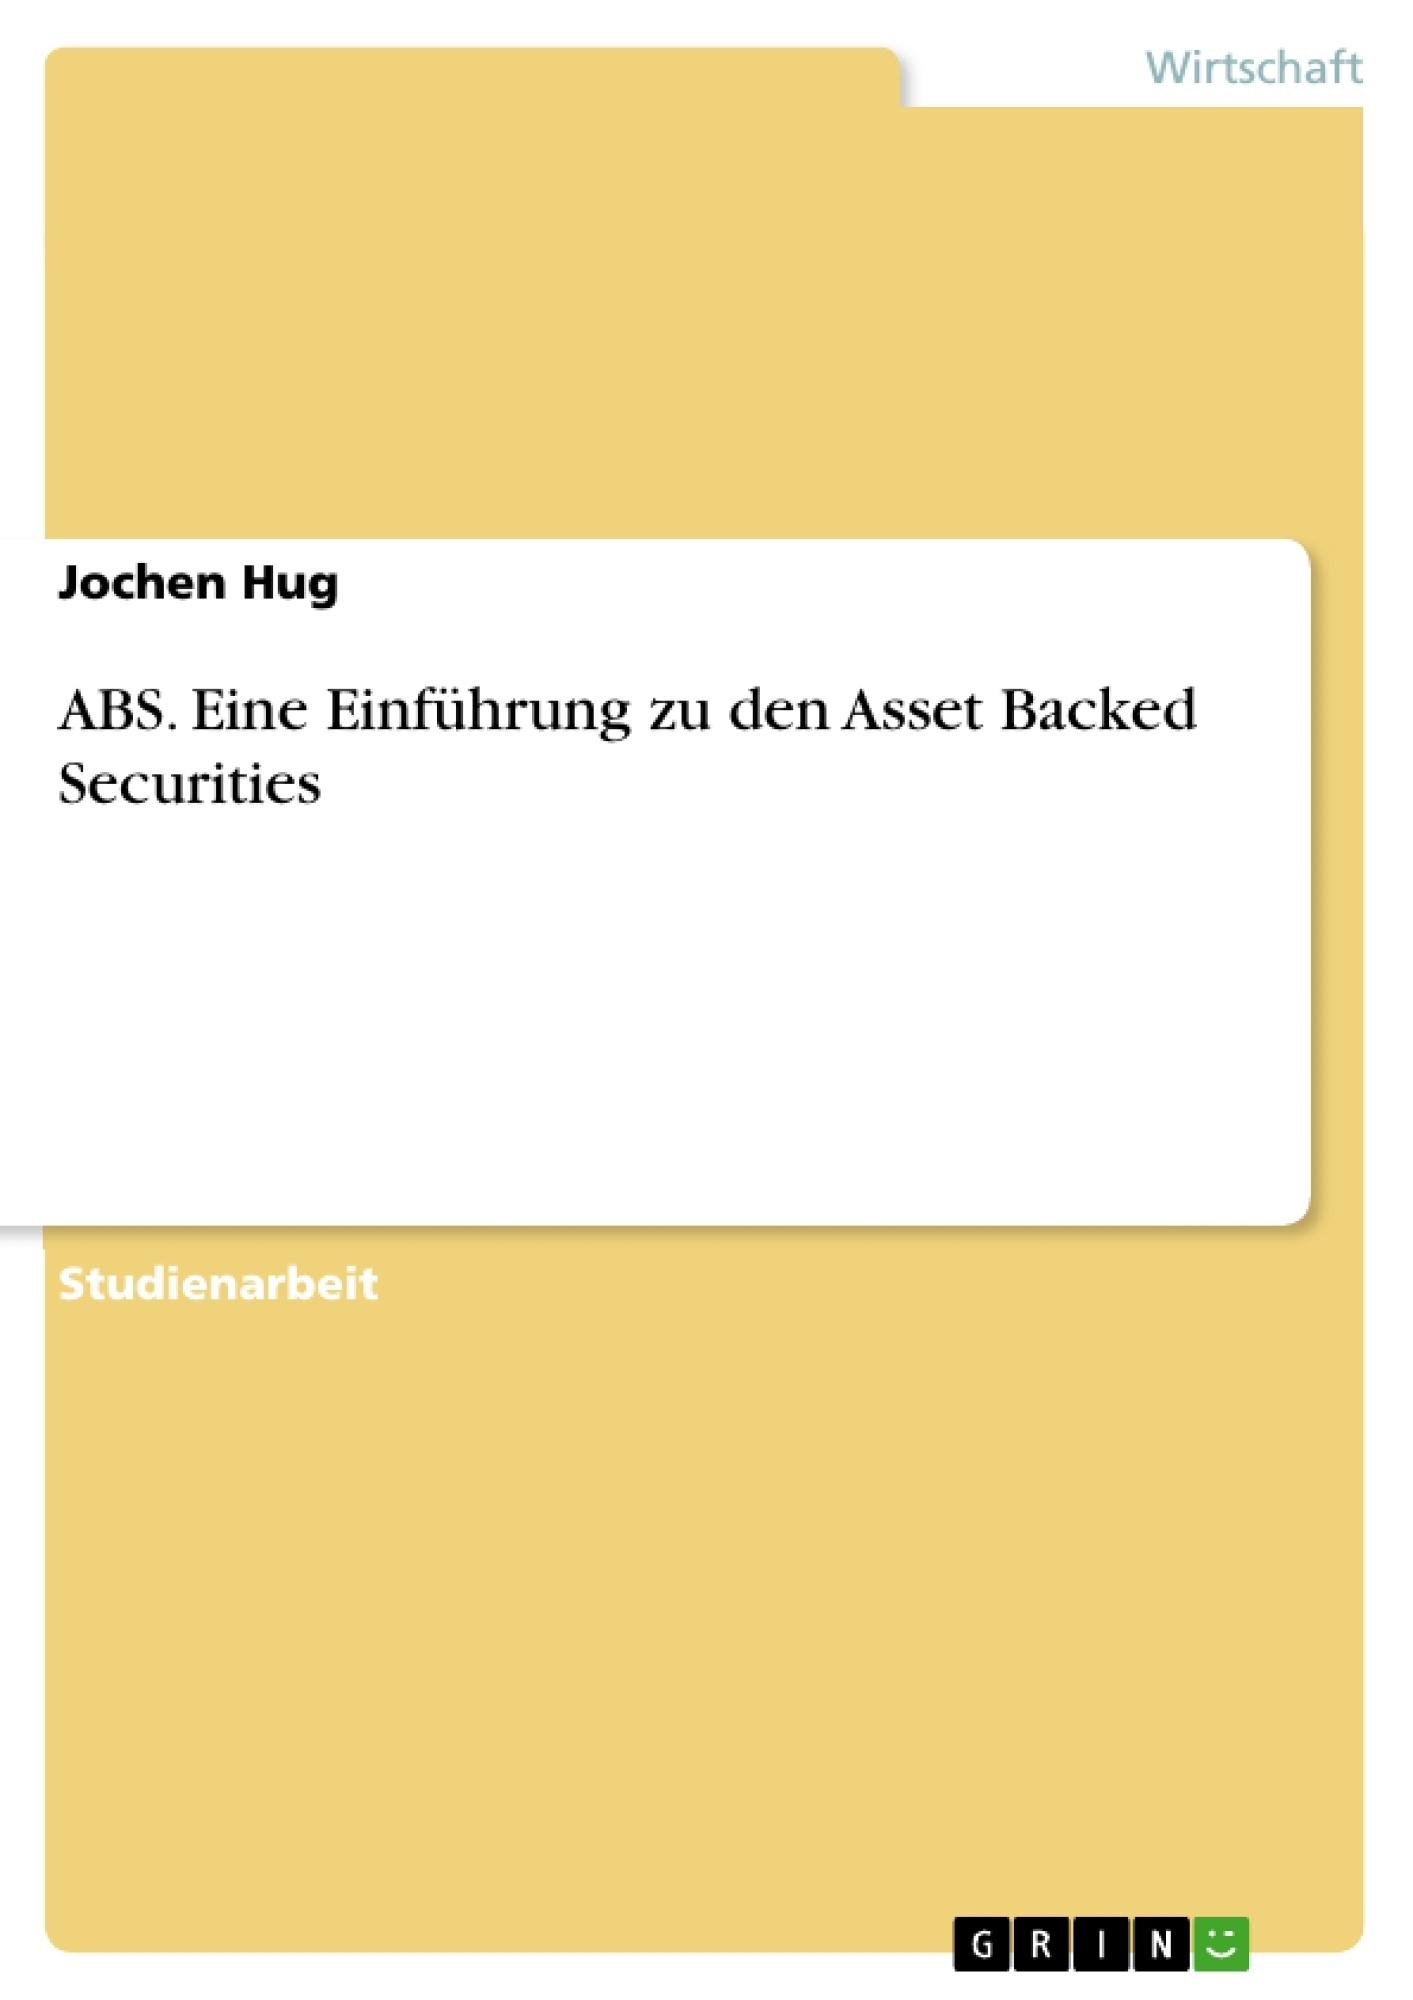 Titel: ABS. Eine Einführung zu den Asset Backed Securities